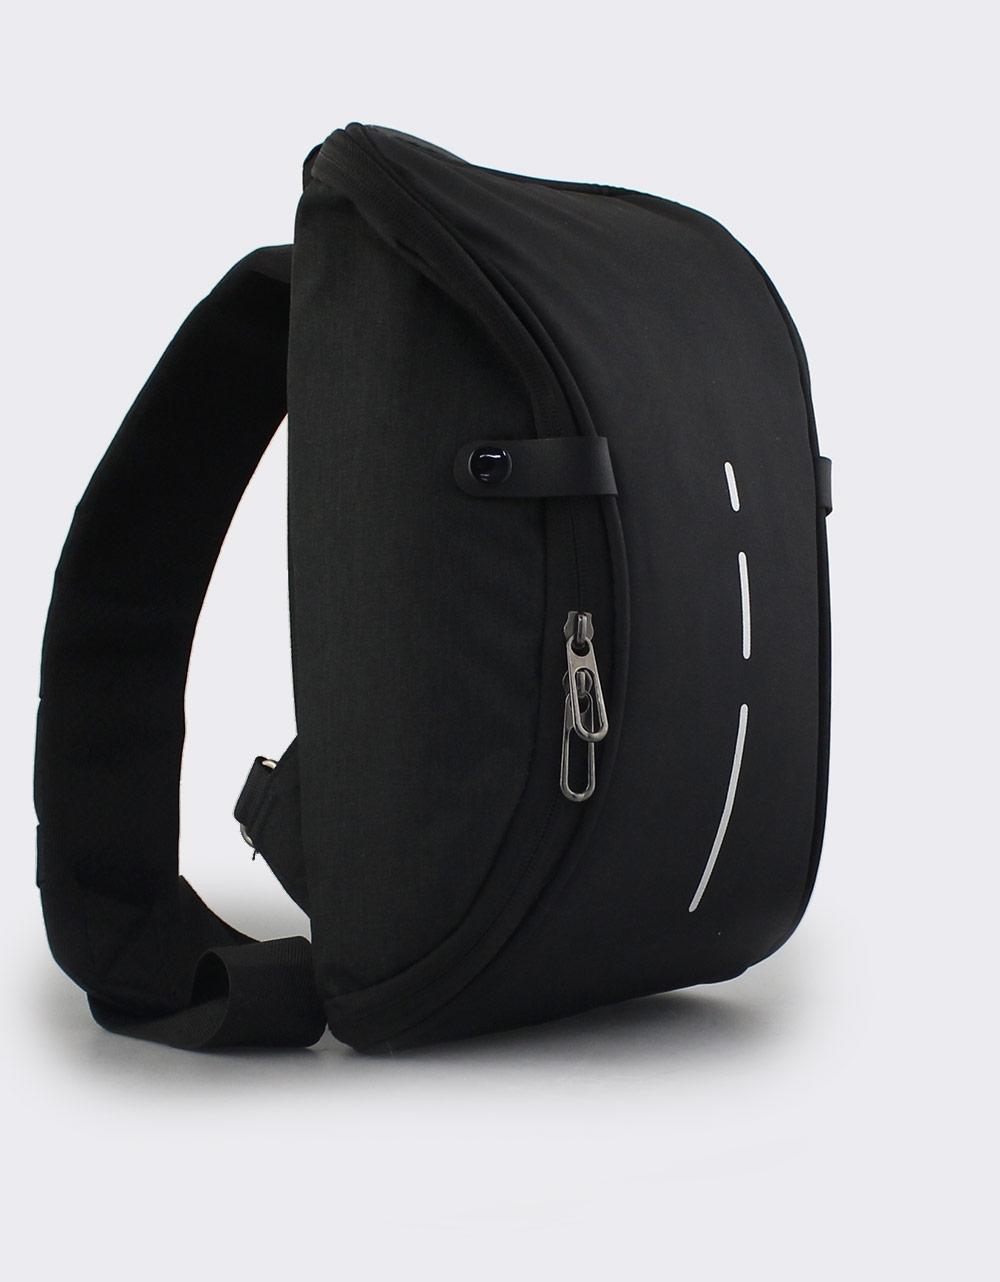 Εικόνα από Ανδρικές τσάντες ώμου με κάθετη λεπτομέρεια Μαύρο